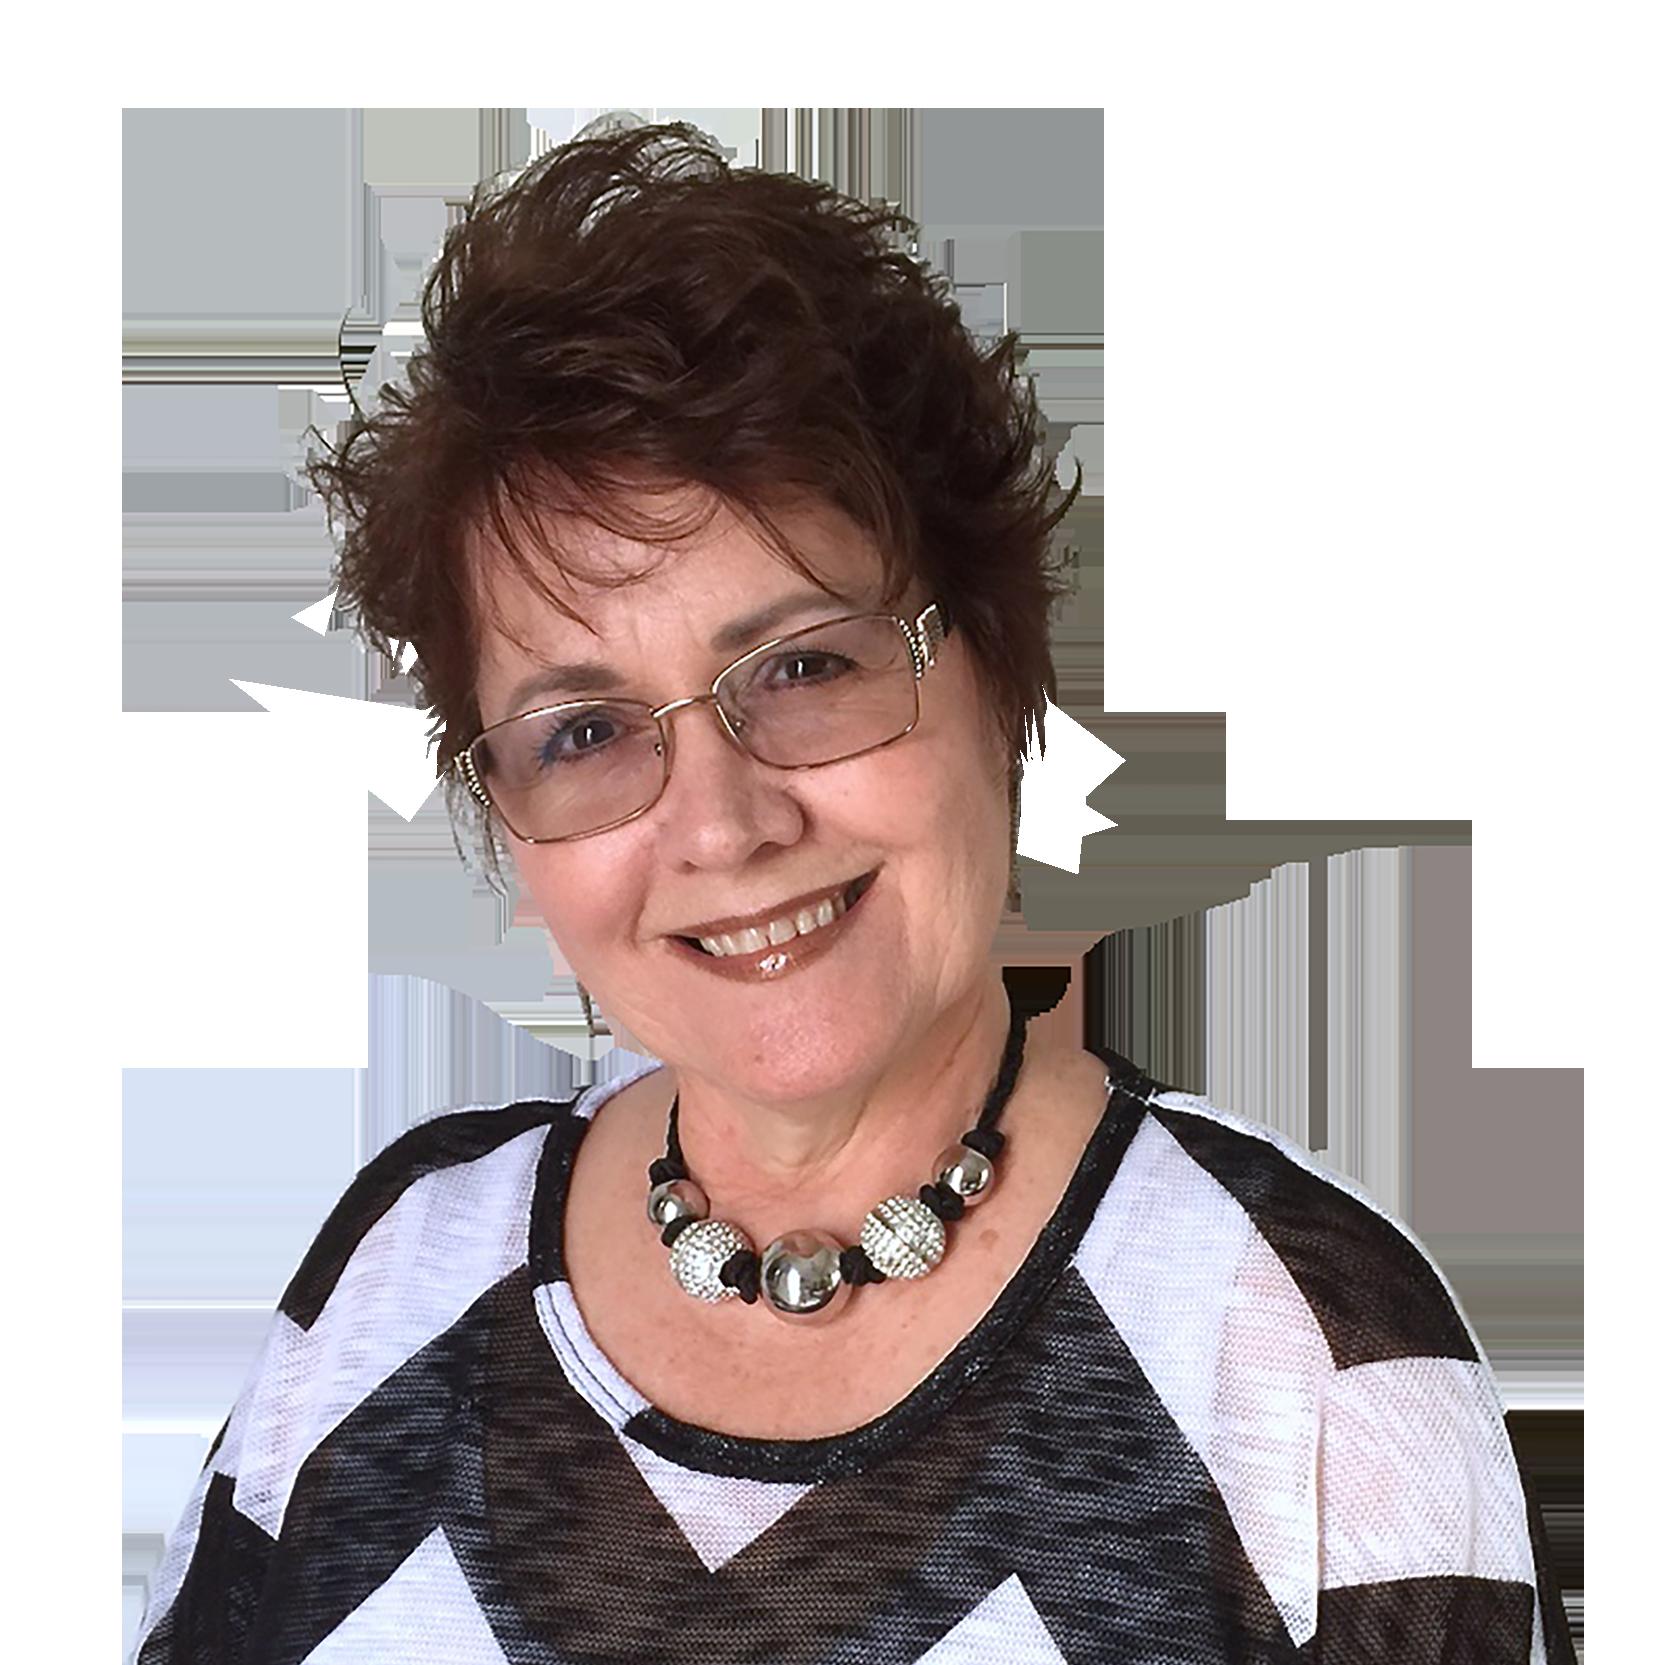 Sharon Gilbertson